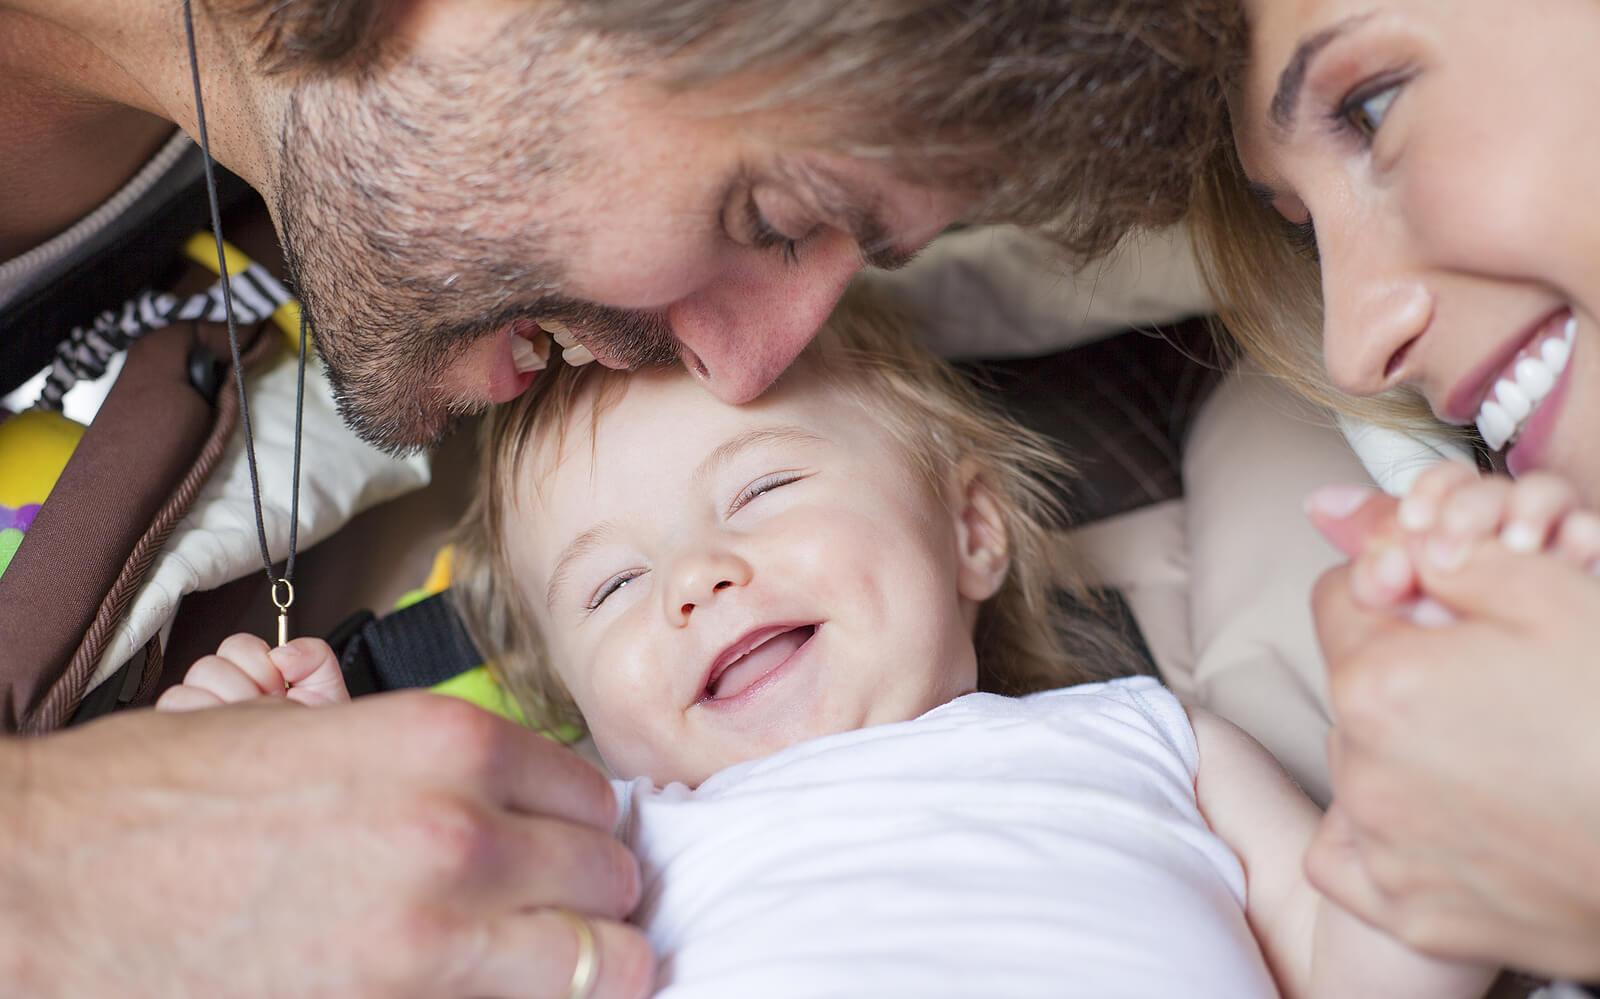 Padres jugando con su bebé y haciéndole reír para promover un apego seguro.